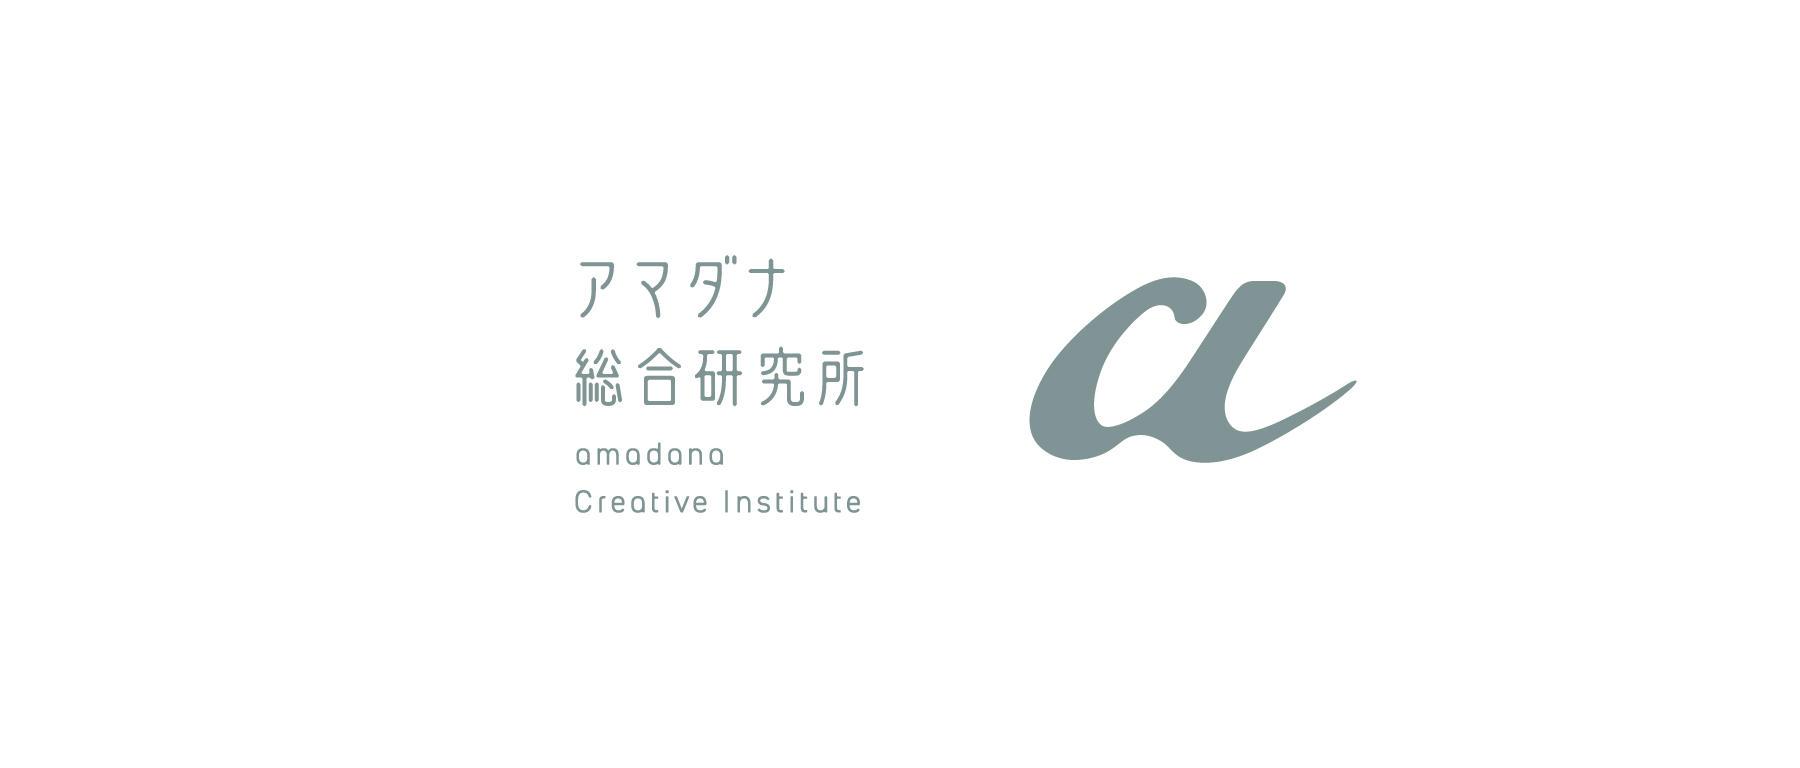 アマダナ総合研究所